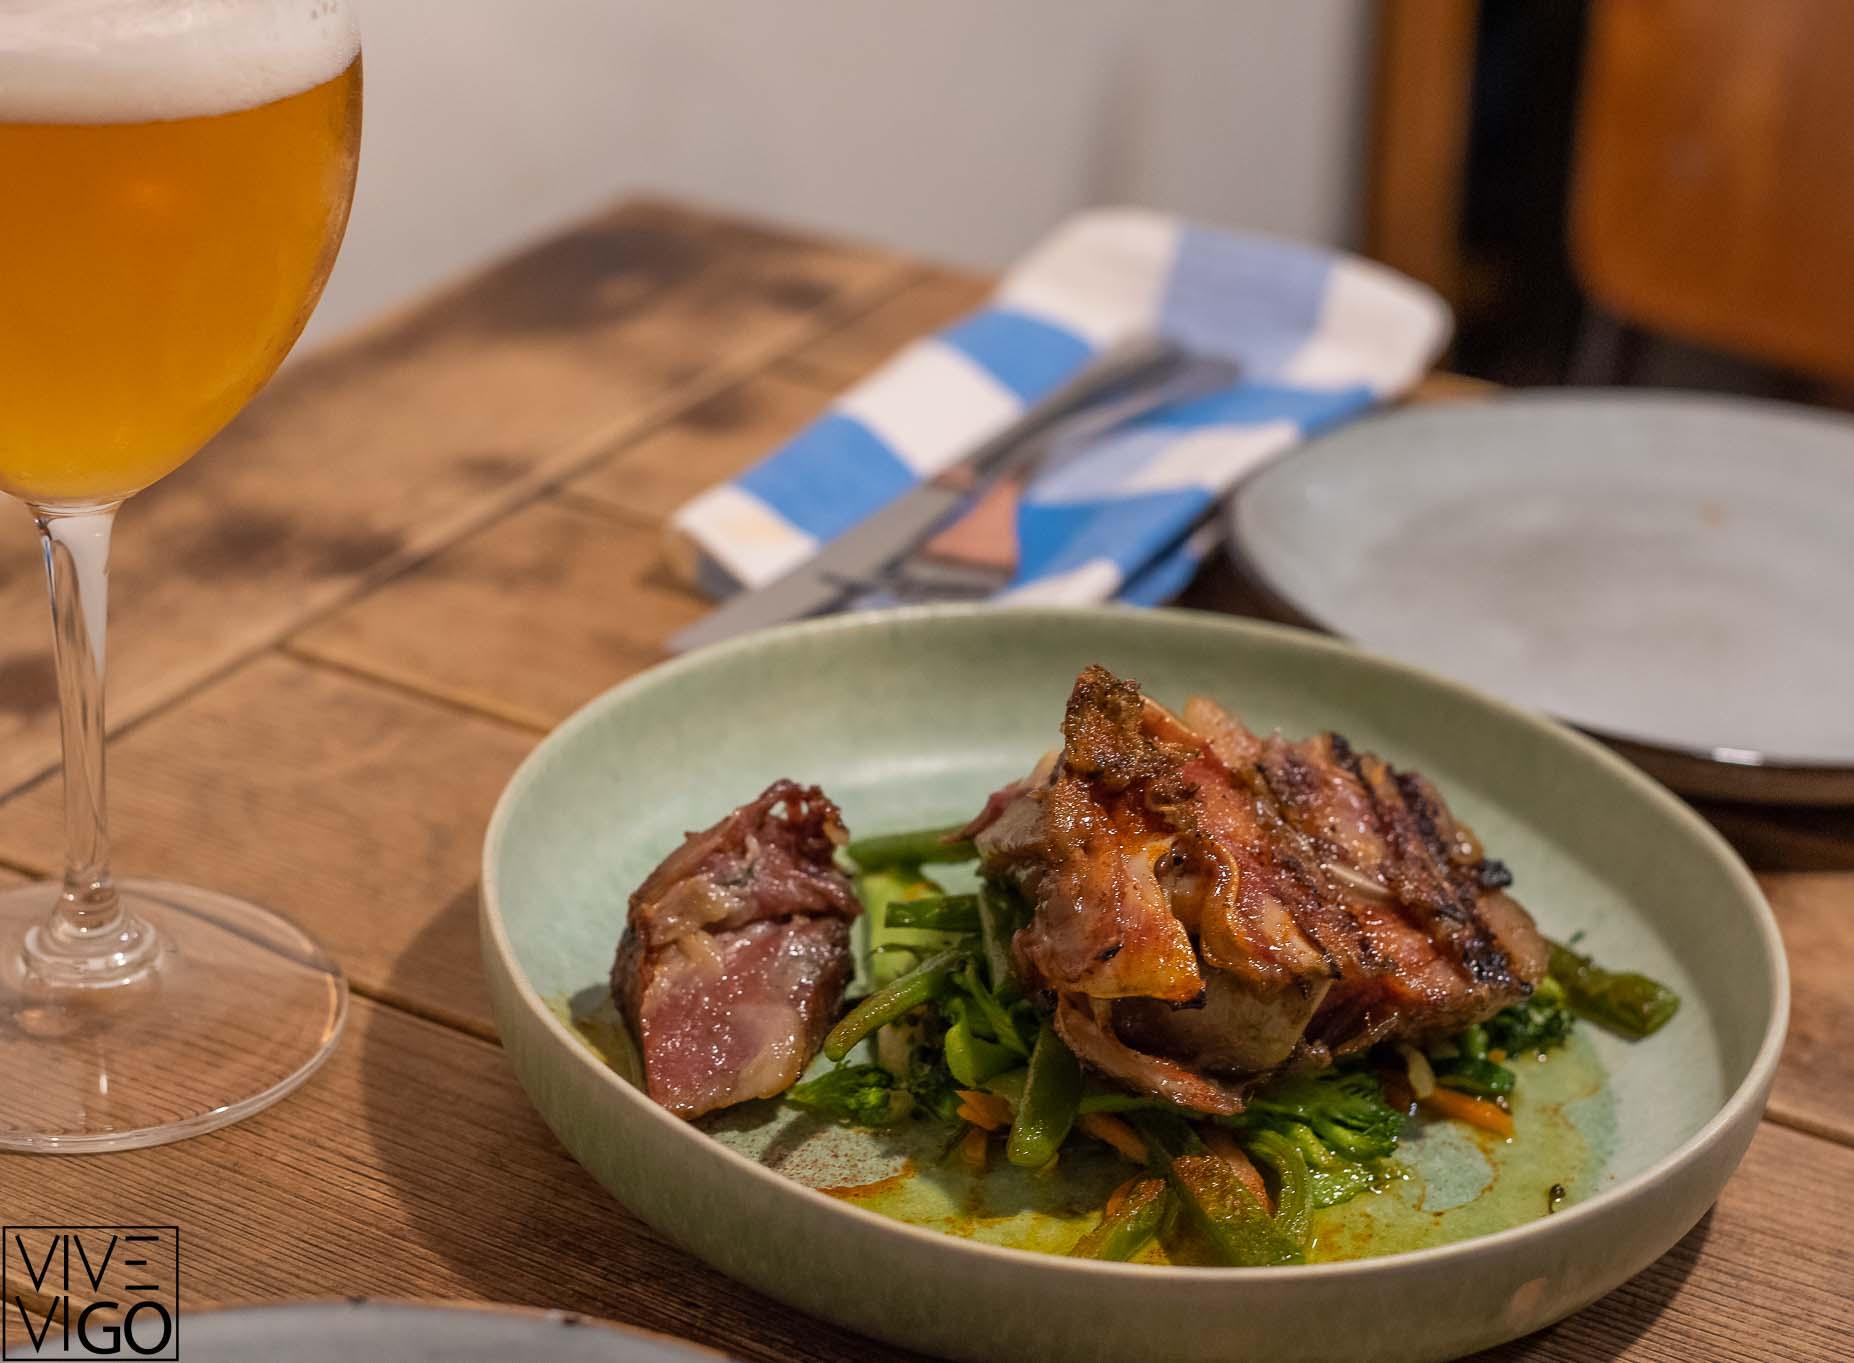 Restaurante Living Vigo